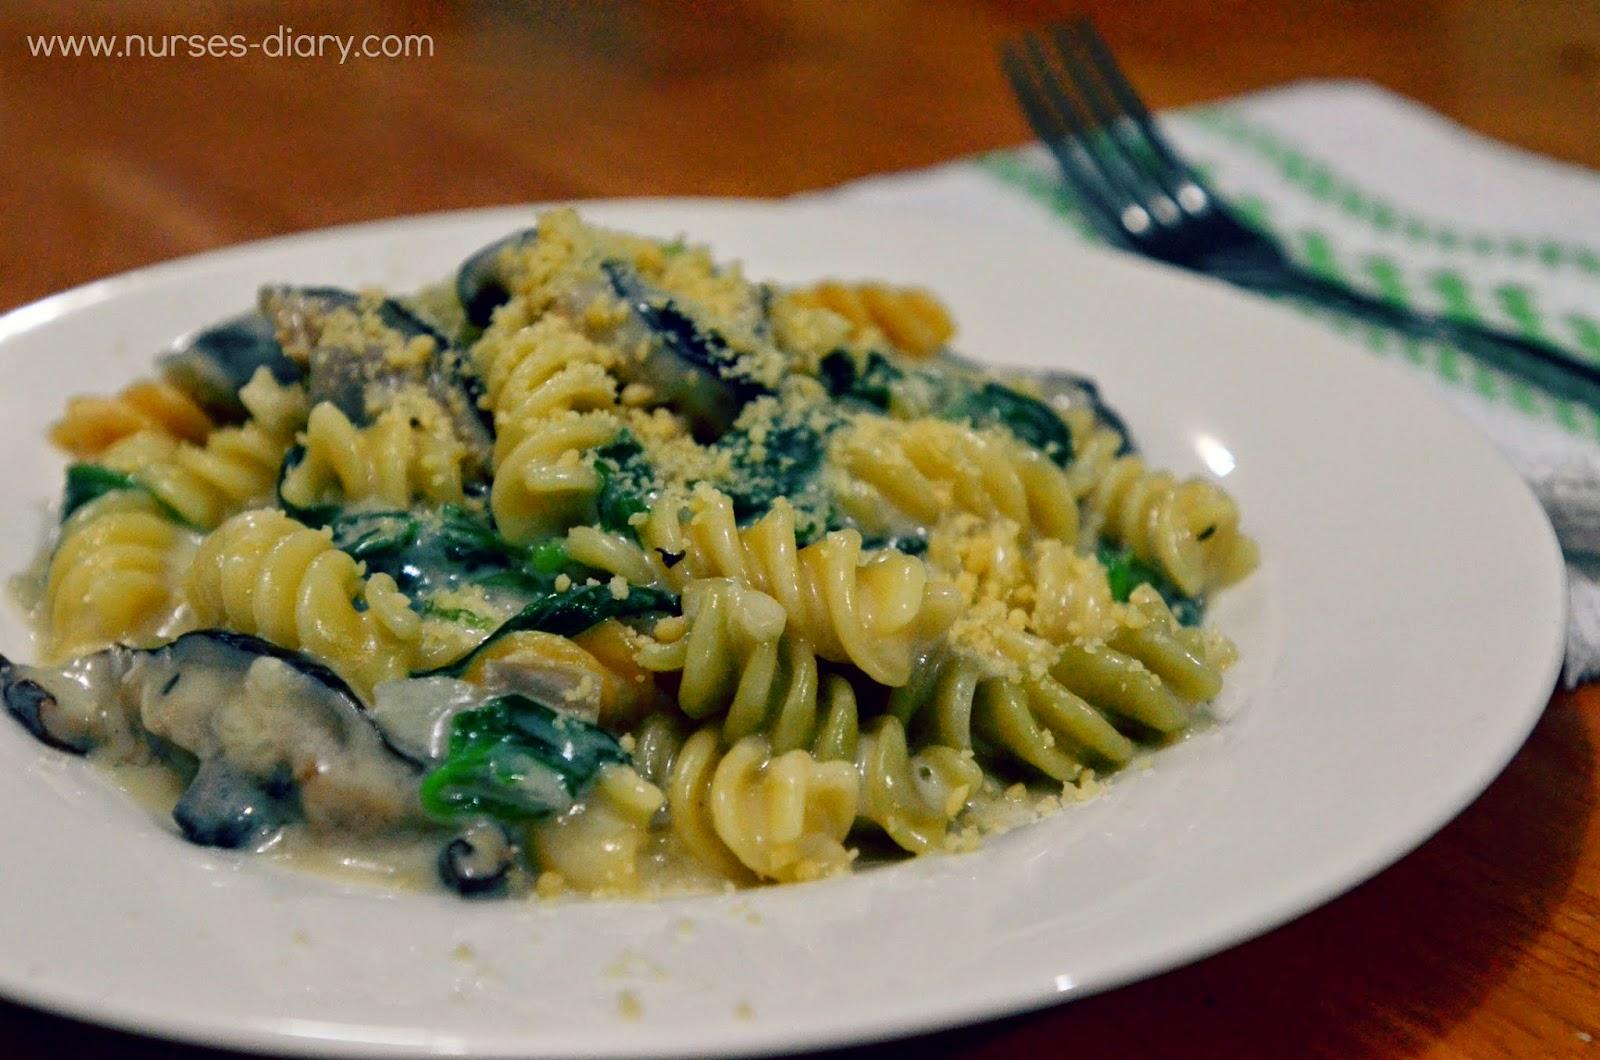 Creamy Spinach and Mushroom Fusili recipe